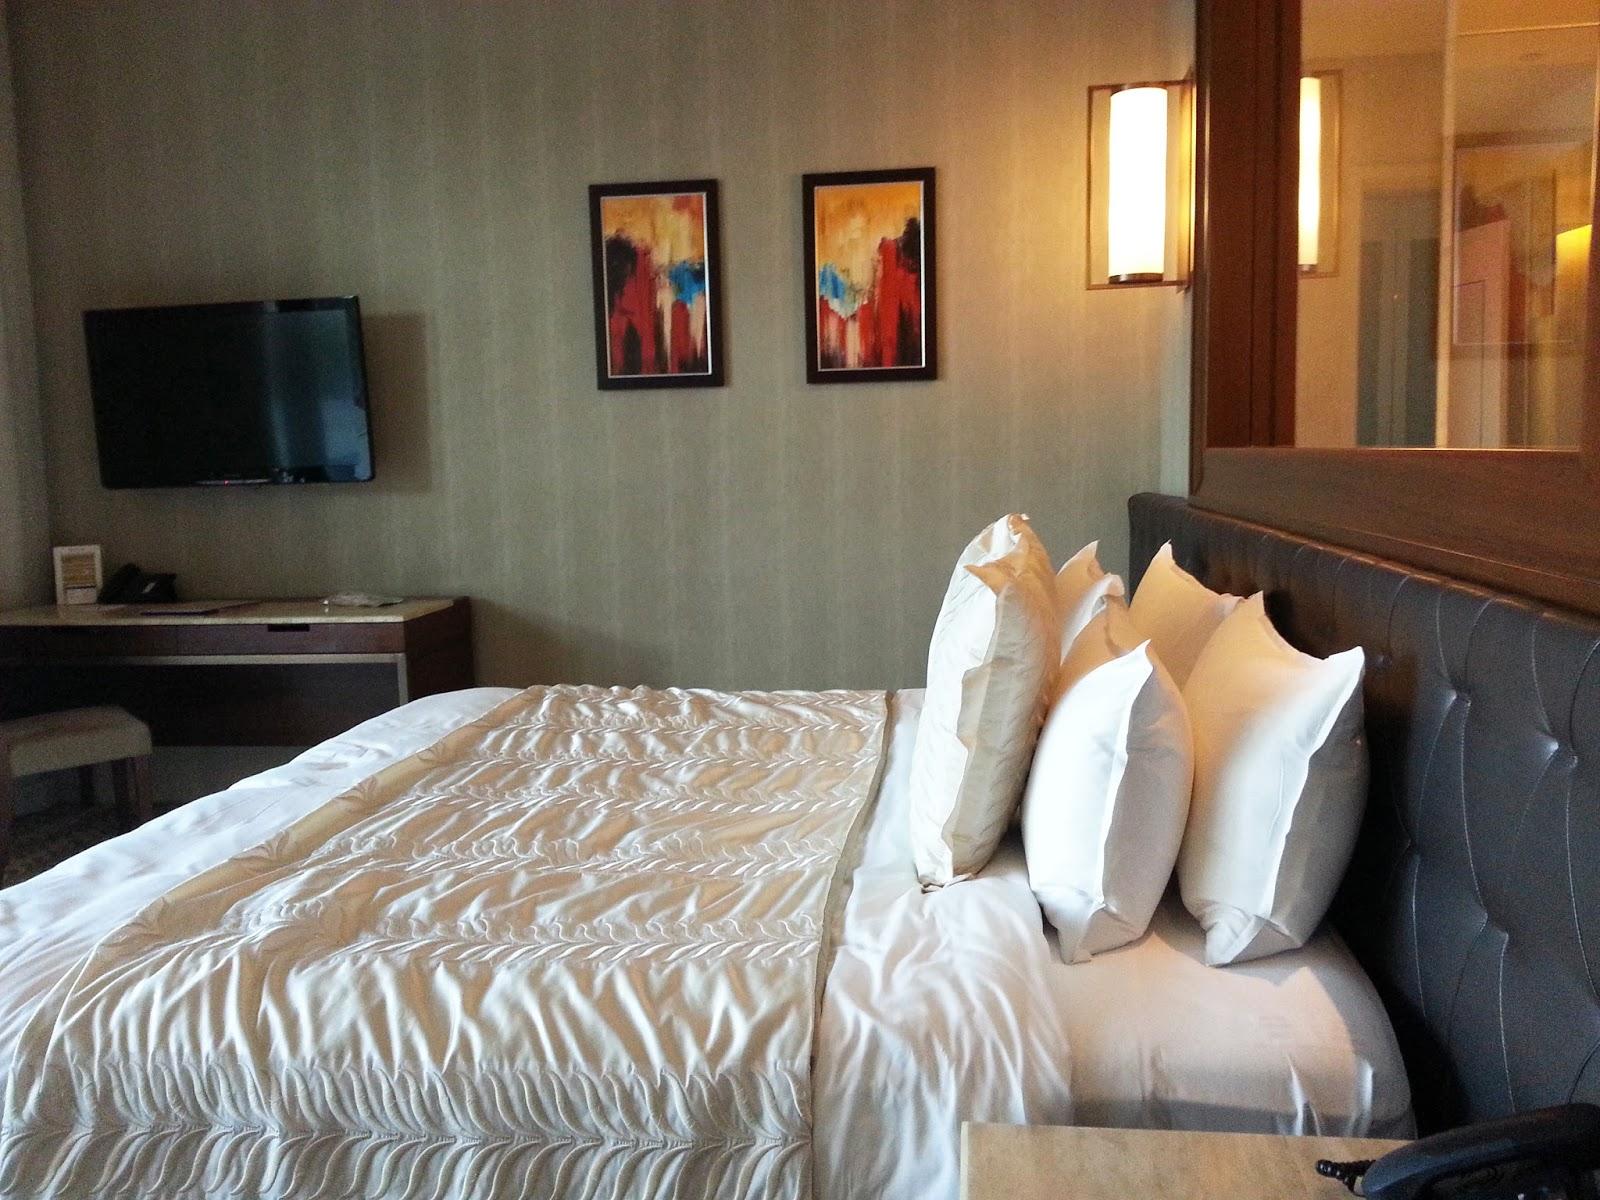 equarius hotela deluxe room. Singapore - Equarius Hotel, RWS Sentosa Hotela Deluxe Room